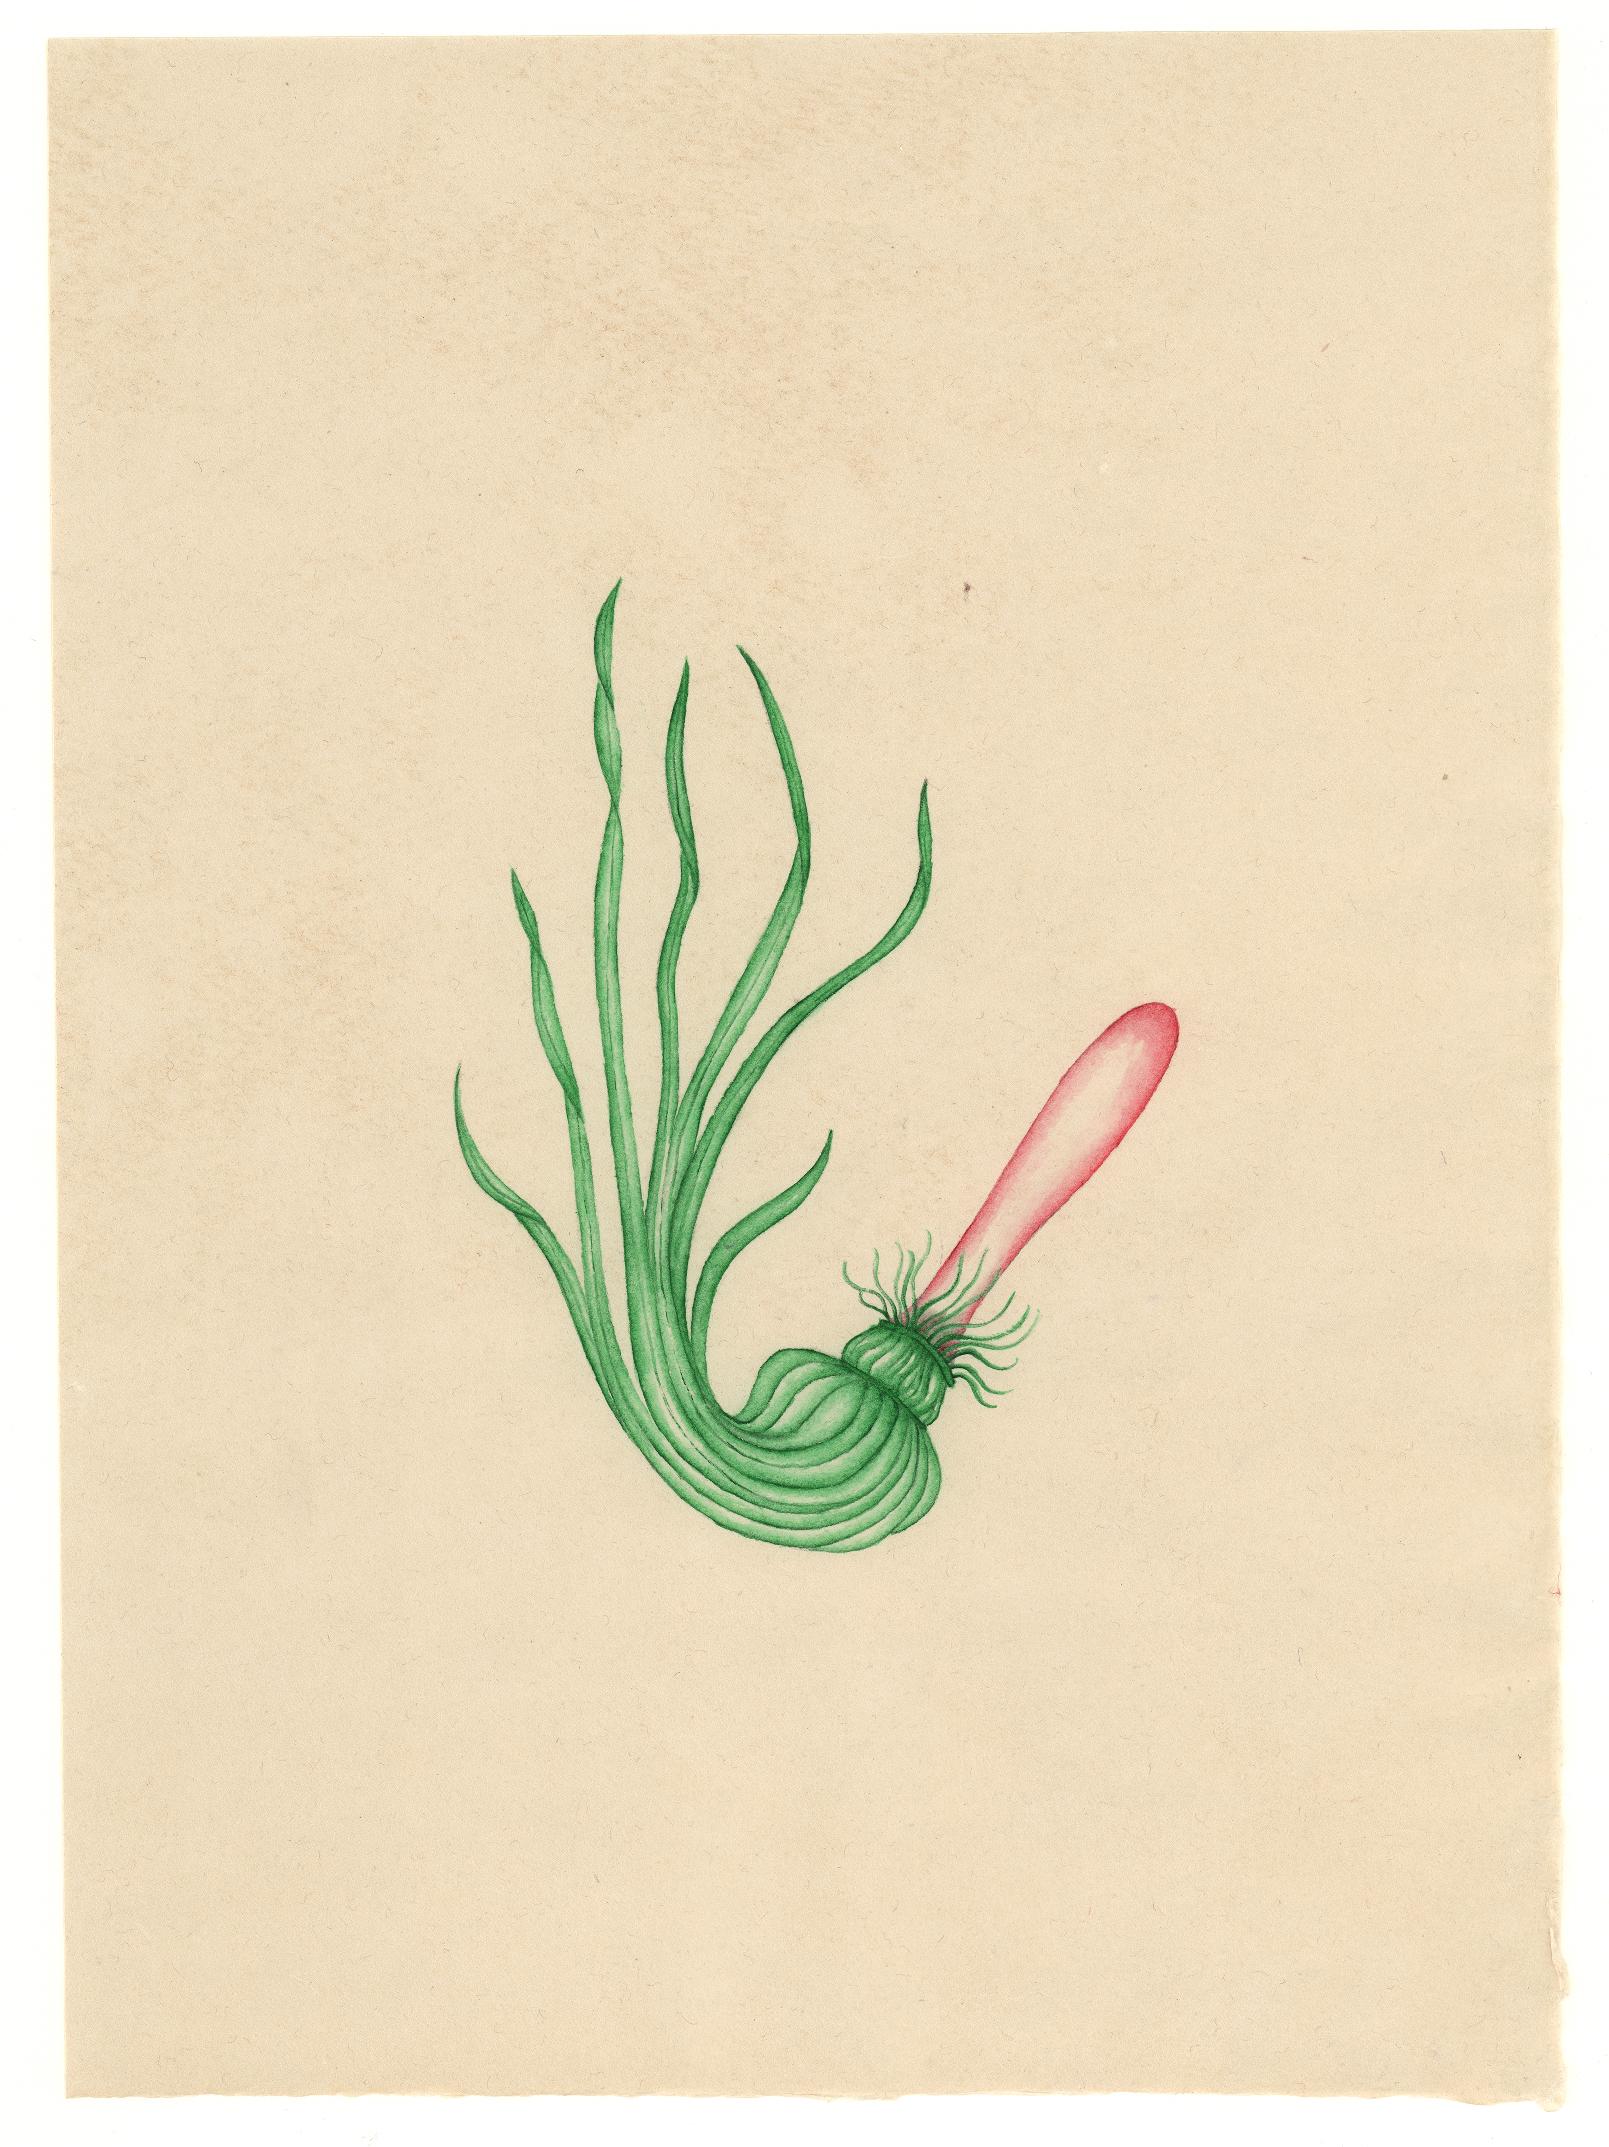 Laure Tixier_Herbier de mauvaises graines (10), Jonc fleuri, Marais du Val d'Yèvre_2021_25 x 35 cm_Aquarelle sur papier vélin,Exhibition view MATRIOCHKAS, ANALIX FOREVER, mars 2021